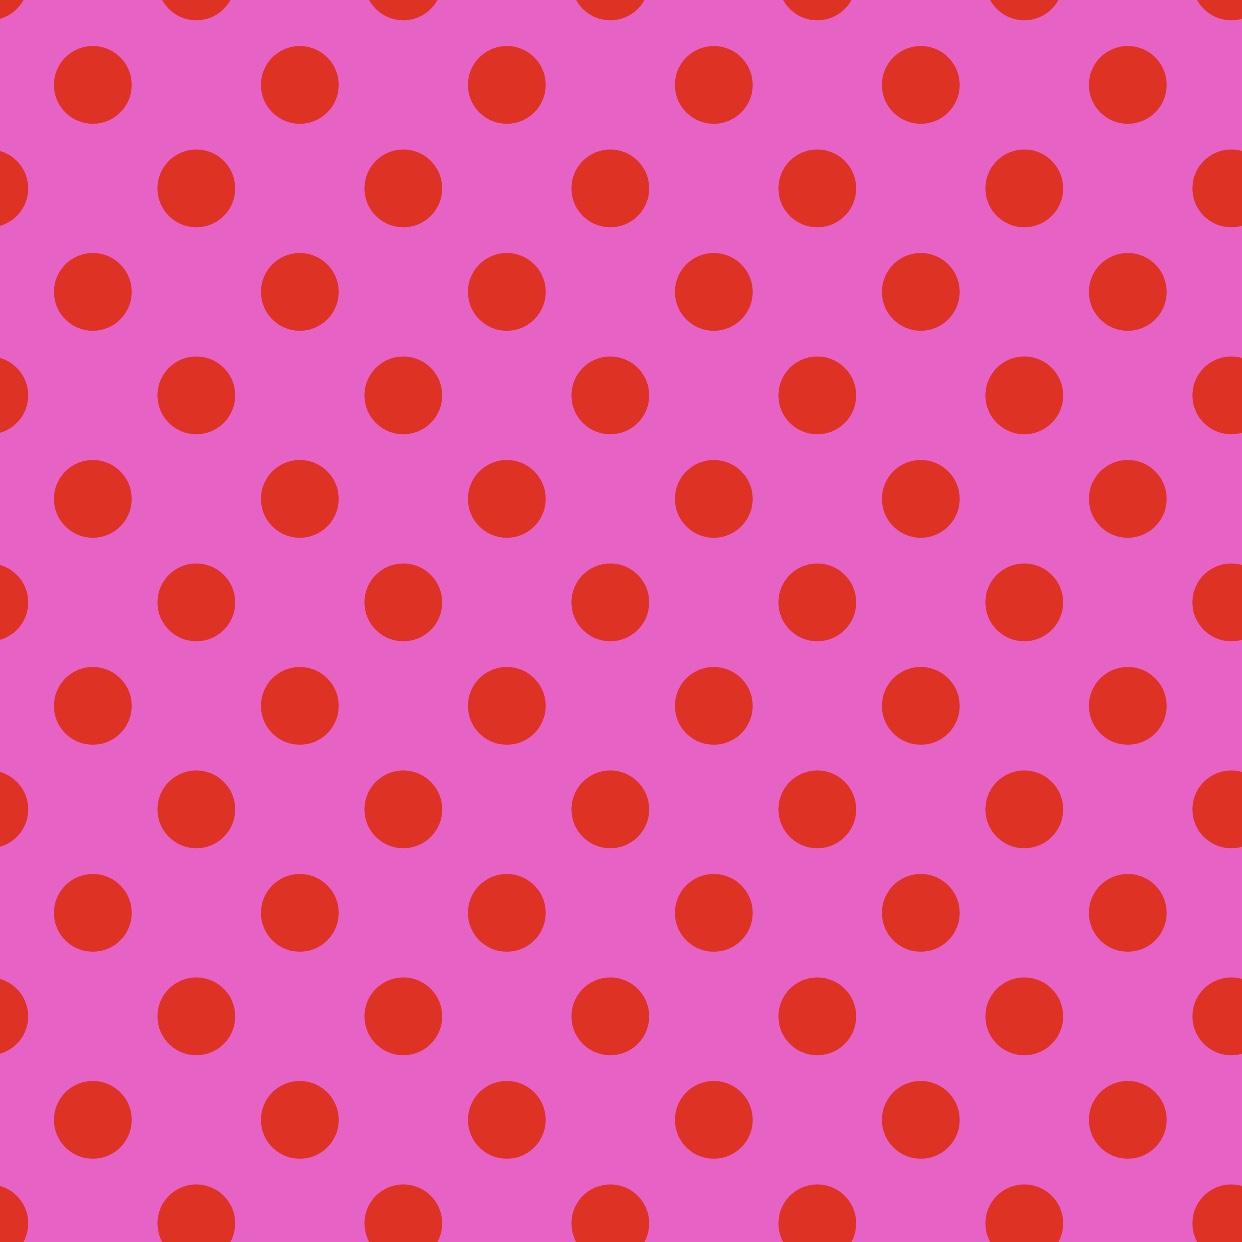 452df566dc7 Fabric / Pom Poms & Stripes. Tula Pink SOLIDS